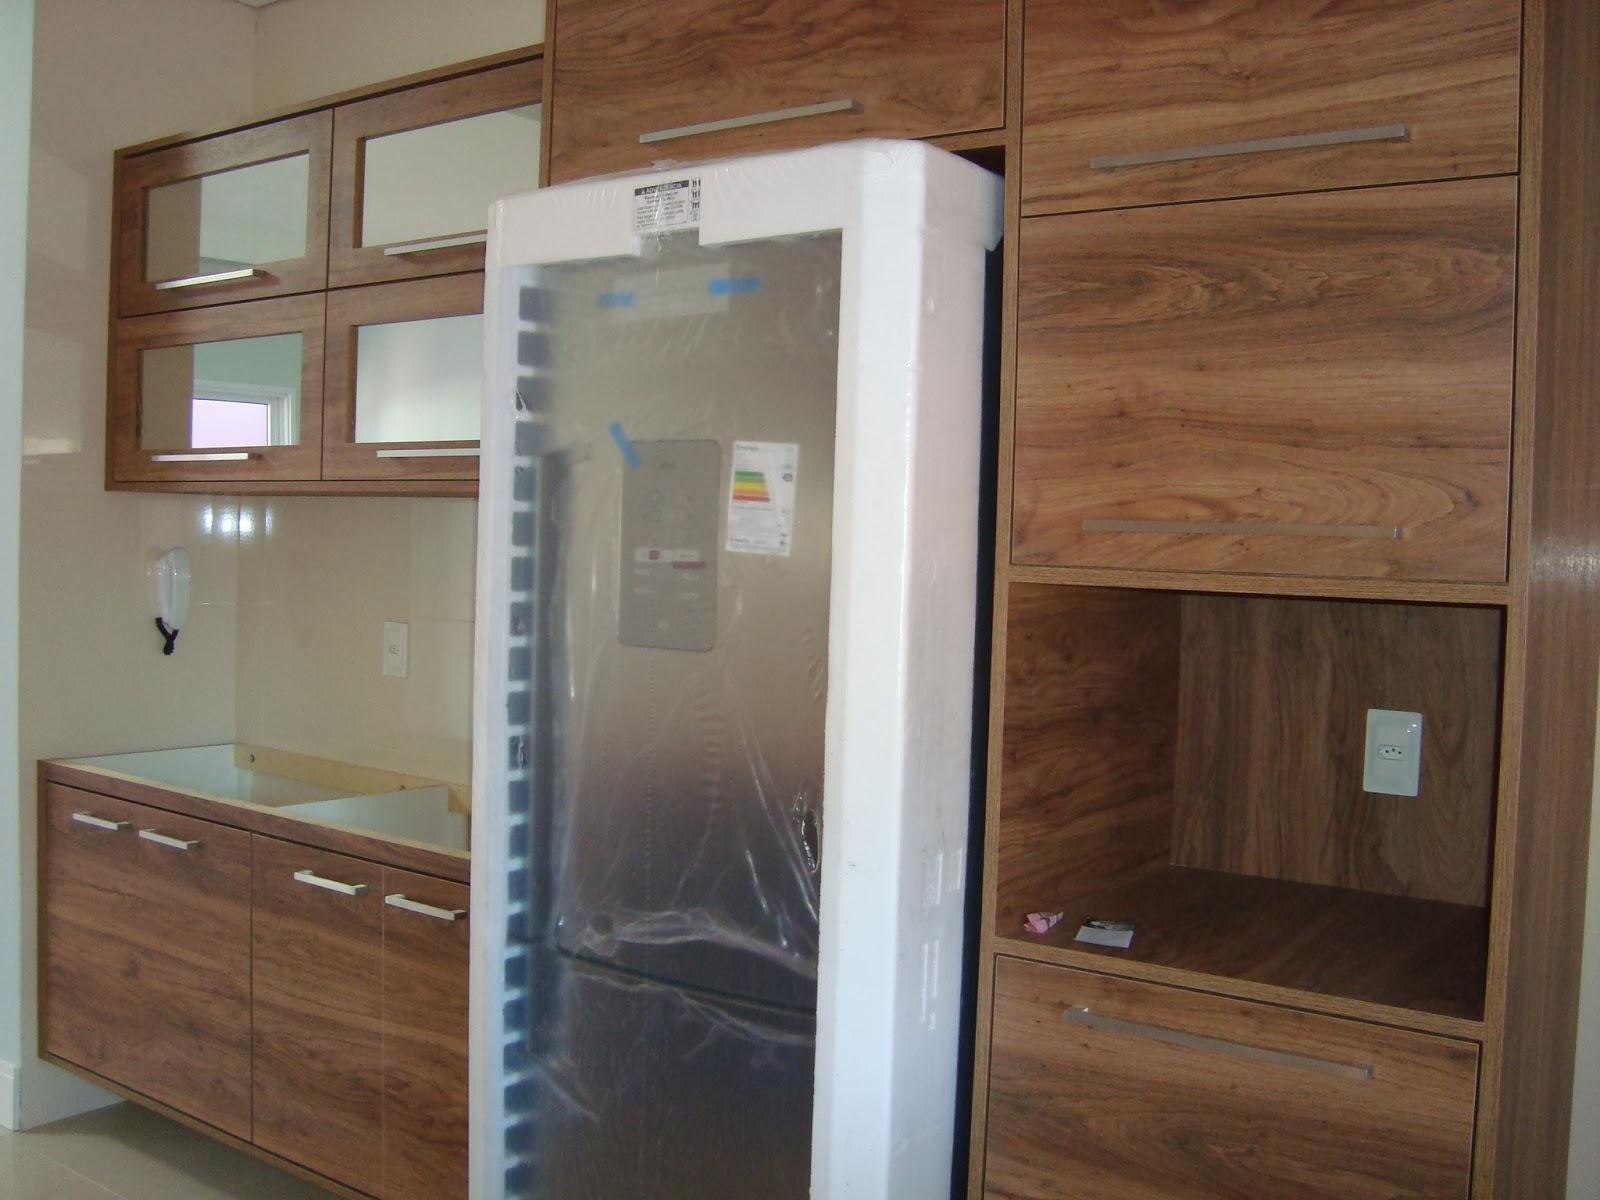 casa da Mi: A cozinha dos sonhos! #684935 1600 1200